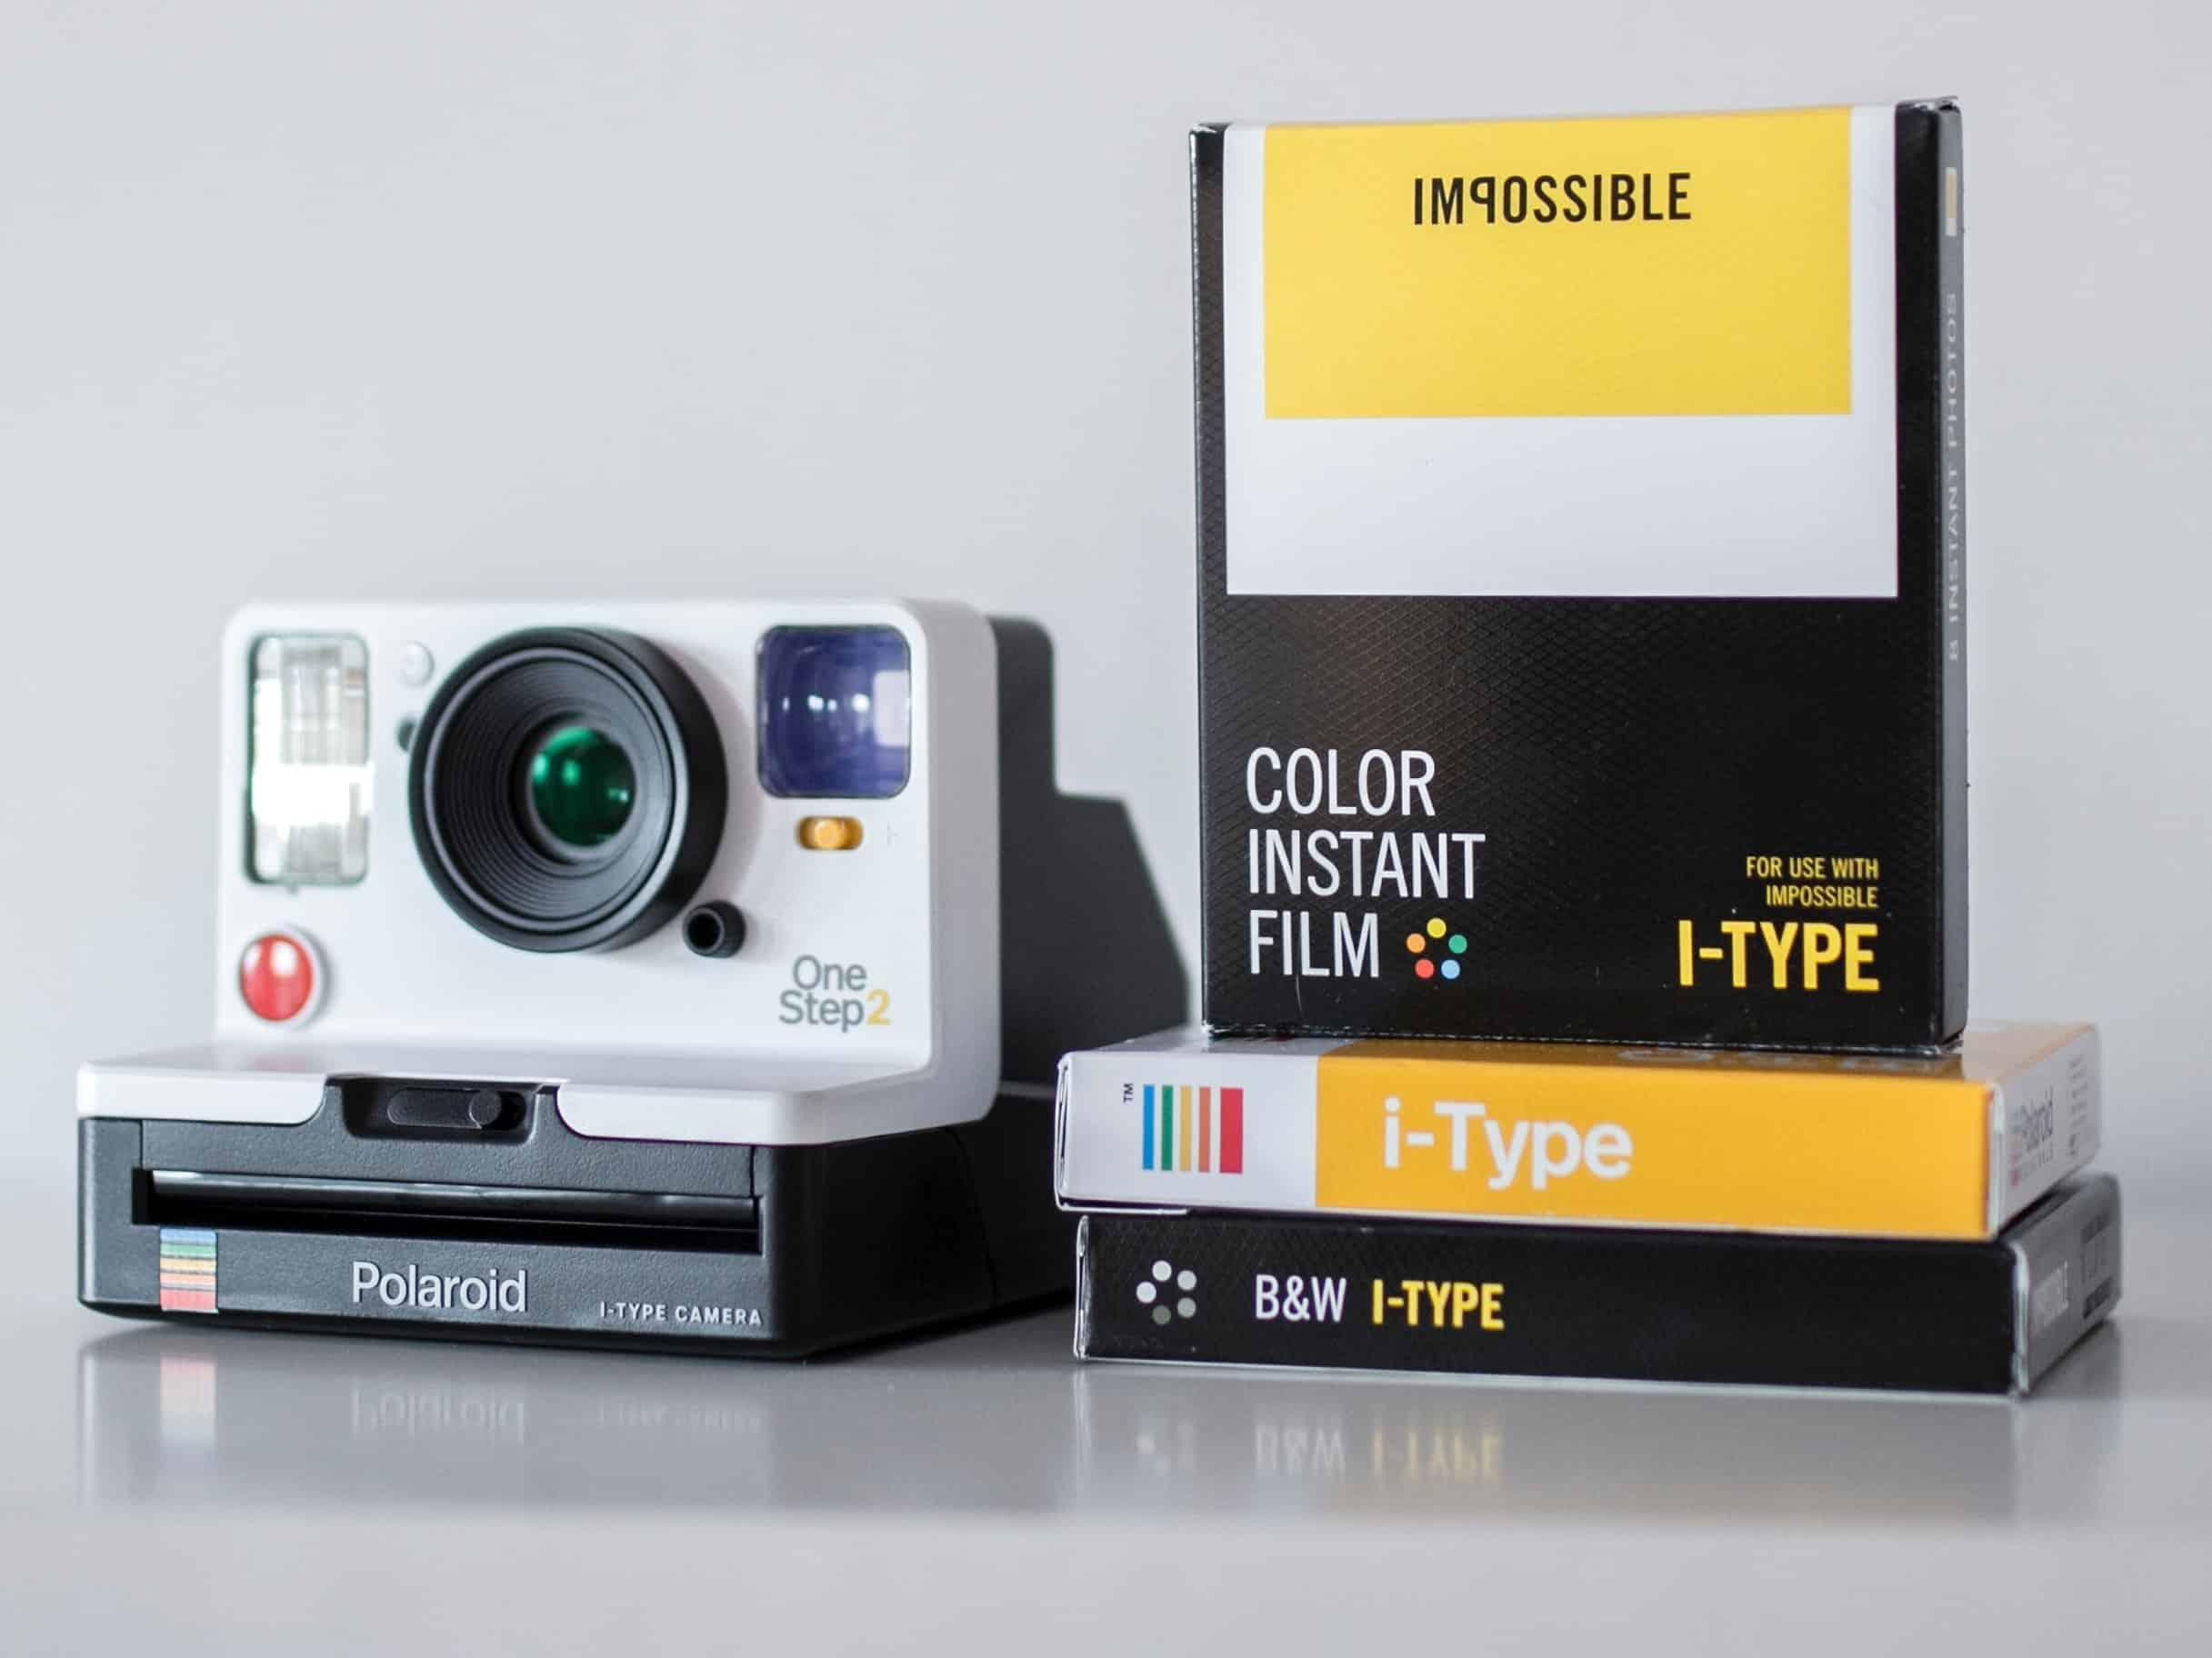 Sofortbildkamera: Test & Empfehlungen (04/21)